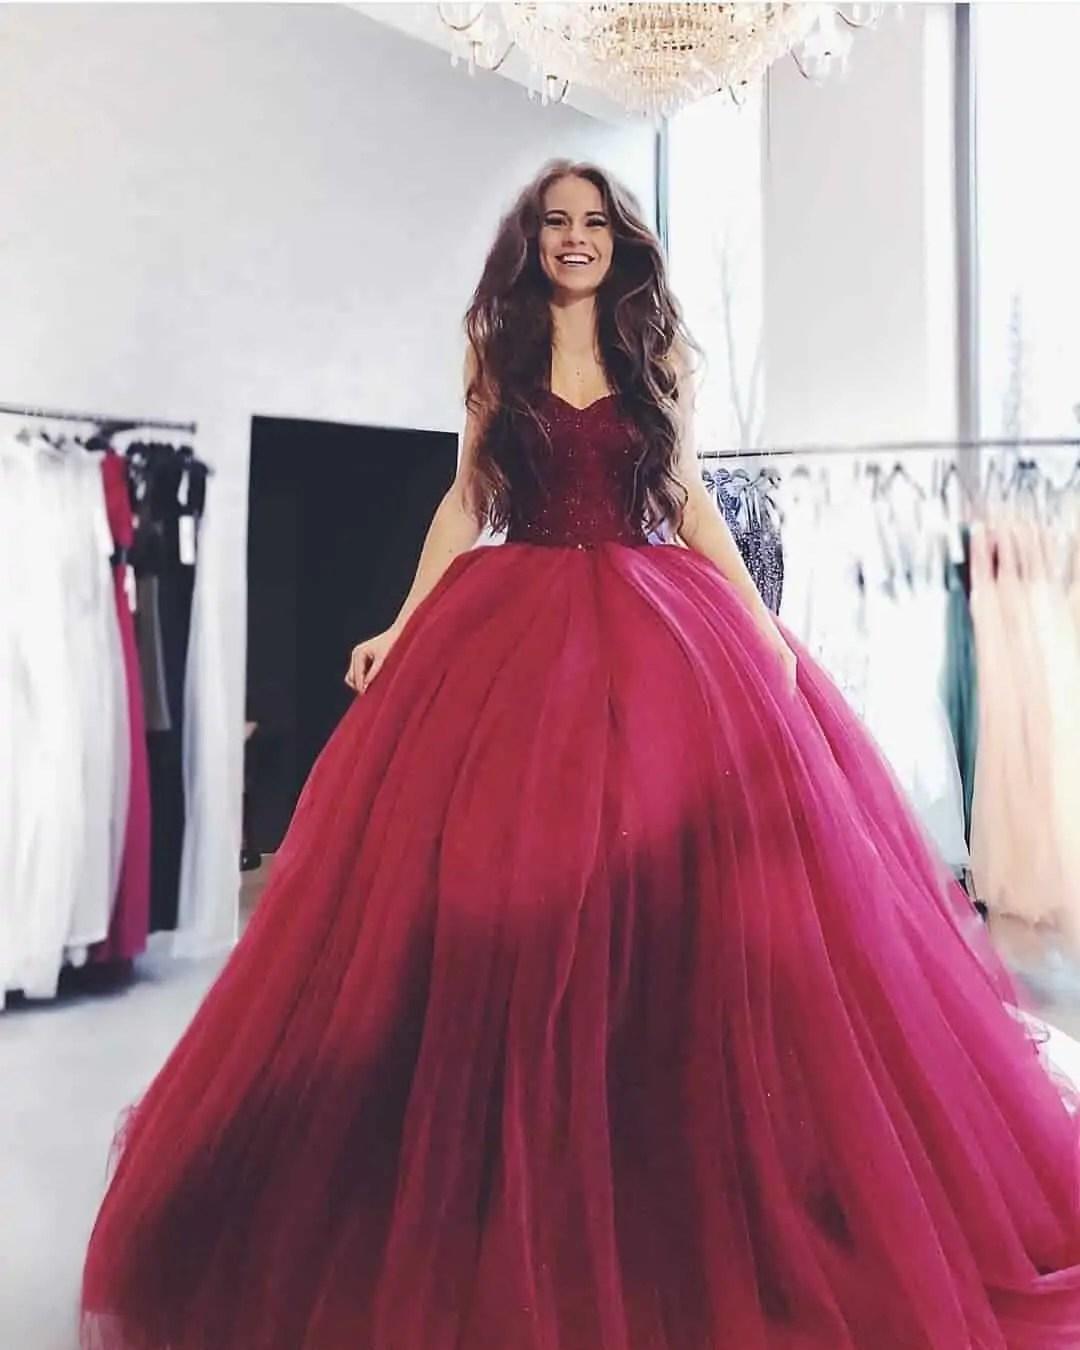 fashion_lover.66_1338402608315208043124406362782322973197450n 5